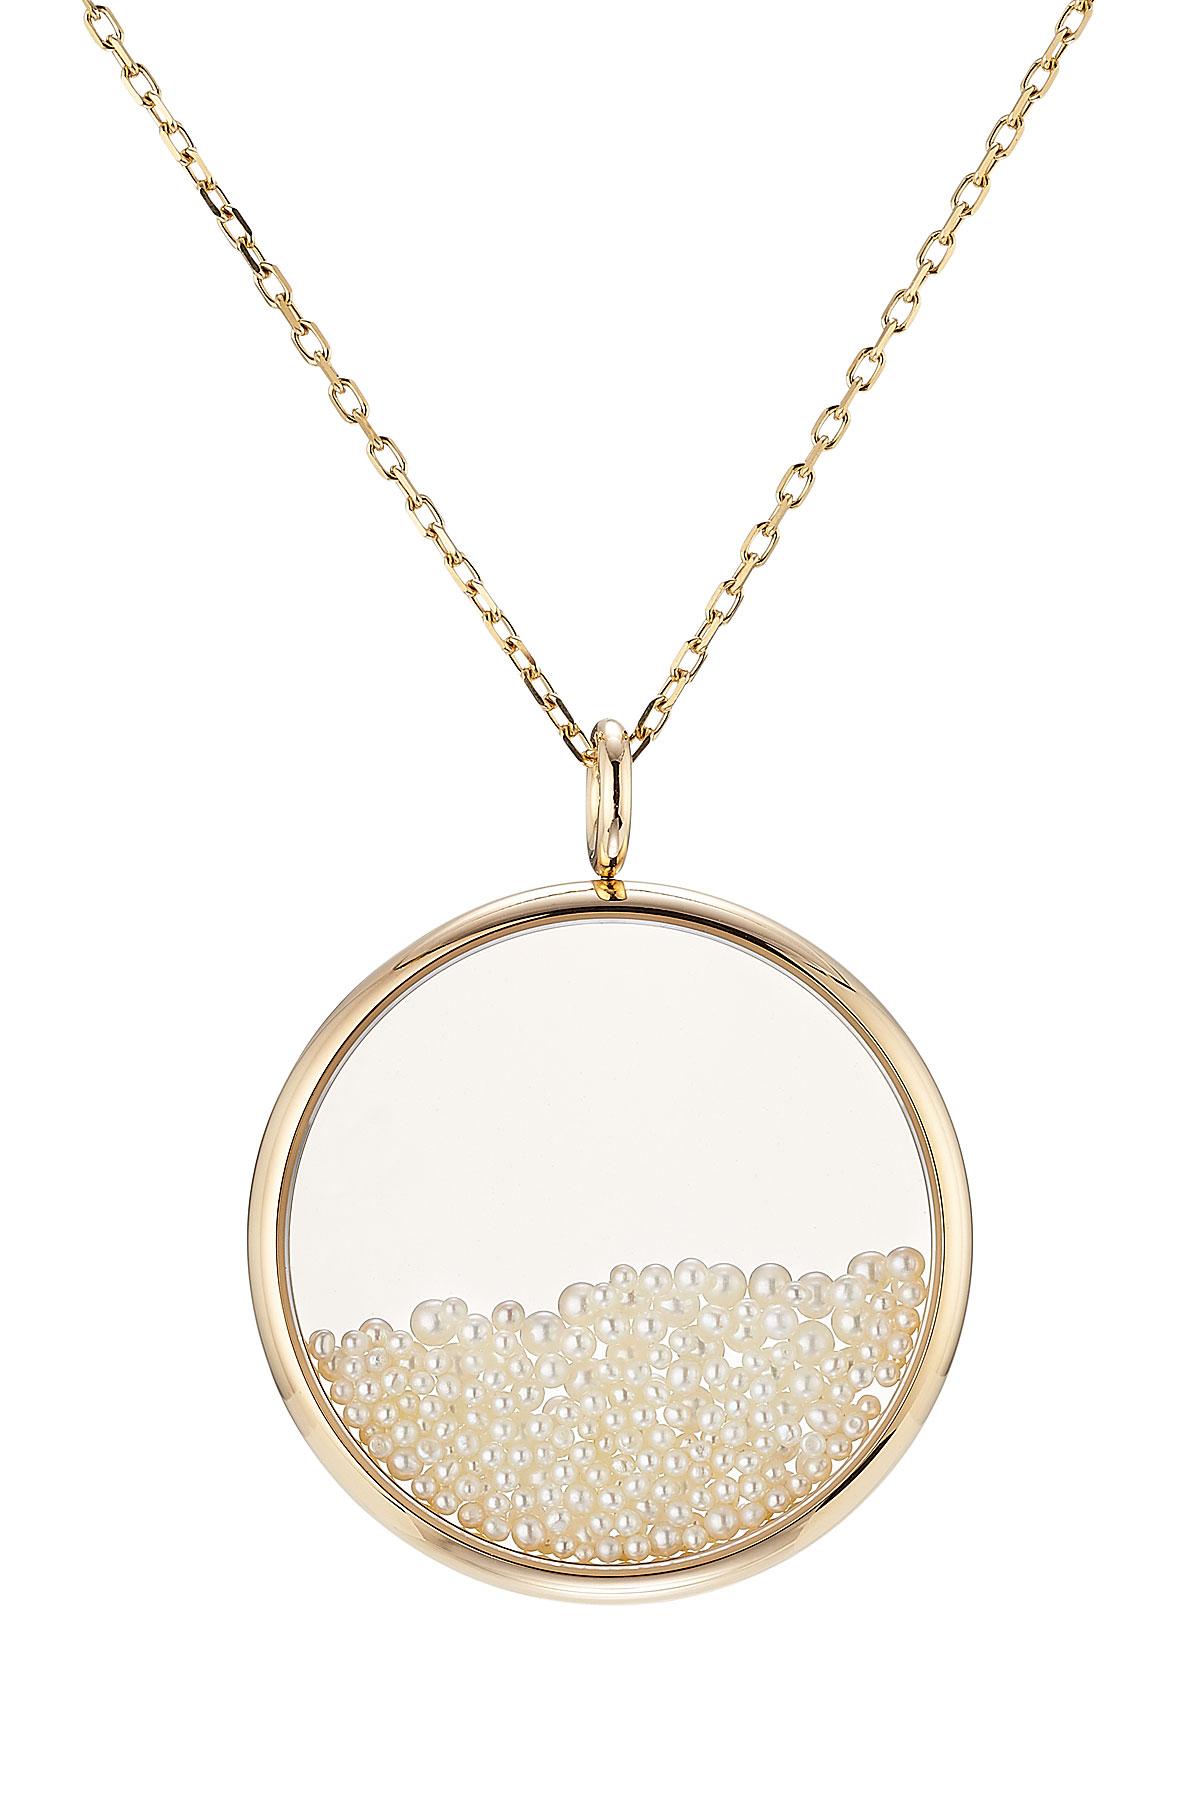 Aurelie bidermann Aurélie Bidermann Fine Jewelry 18kt Gold ...